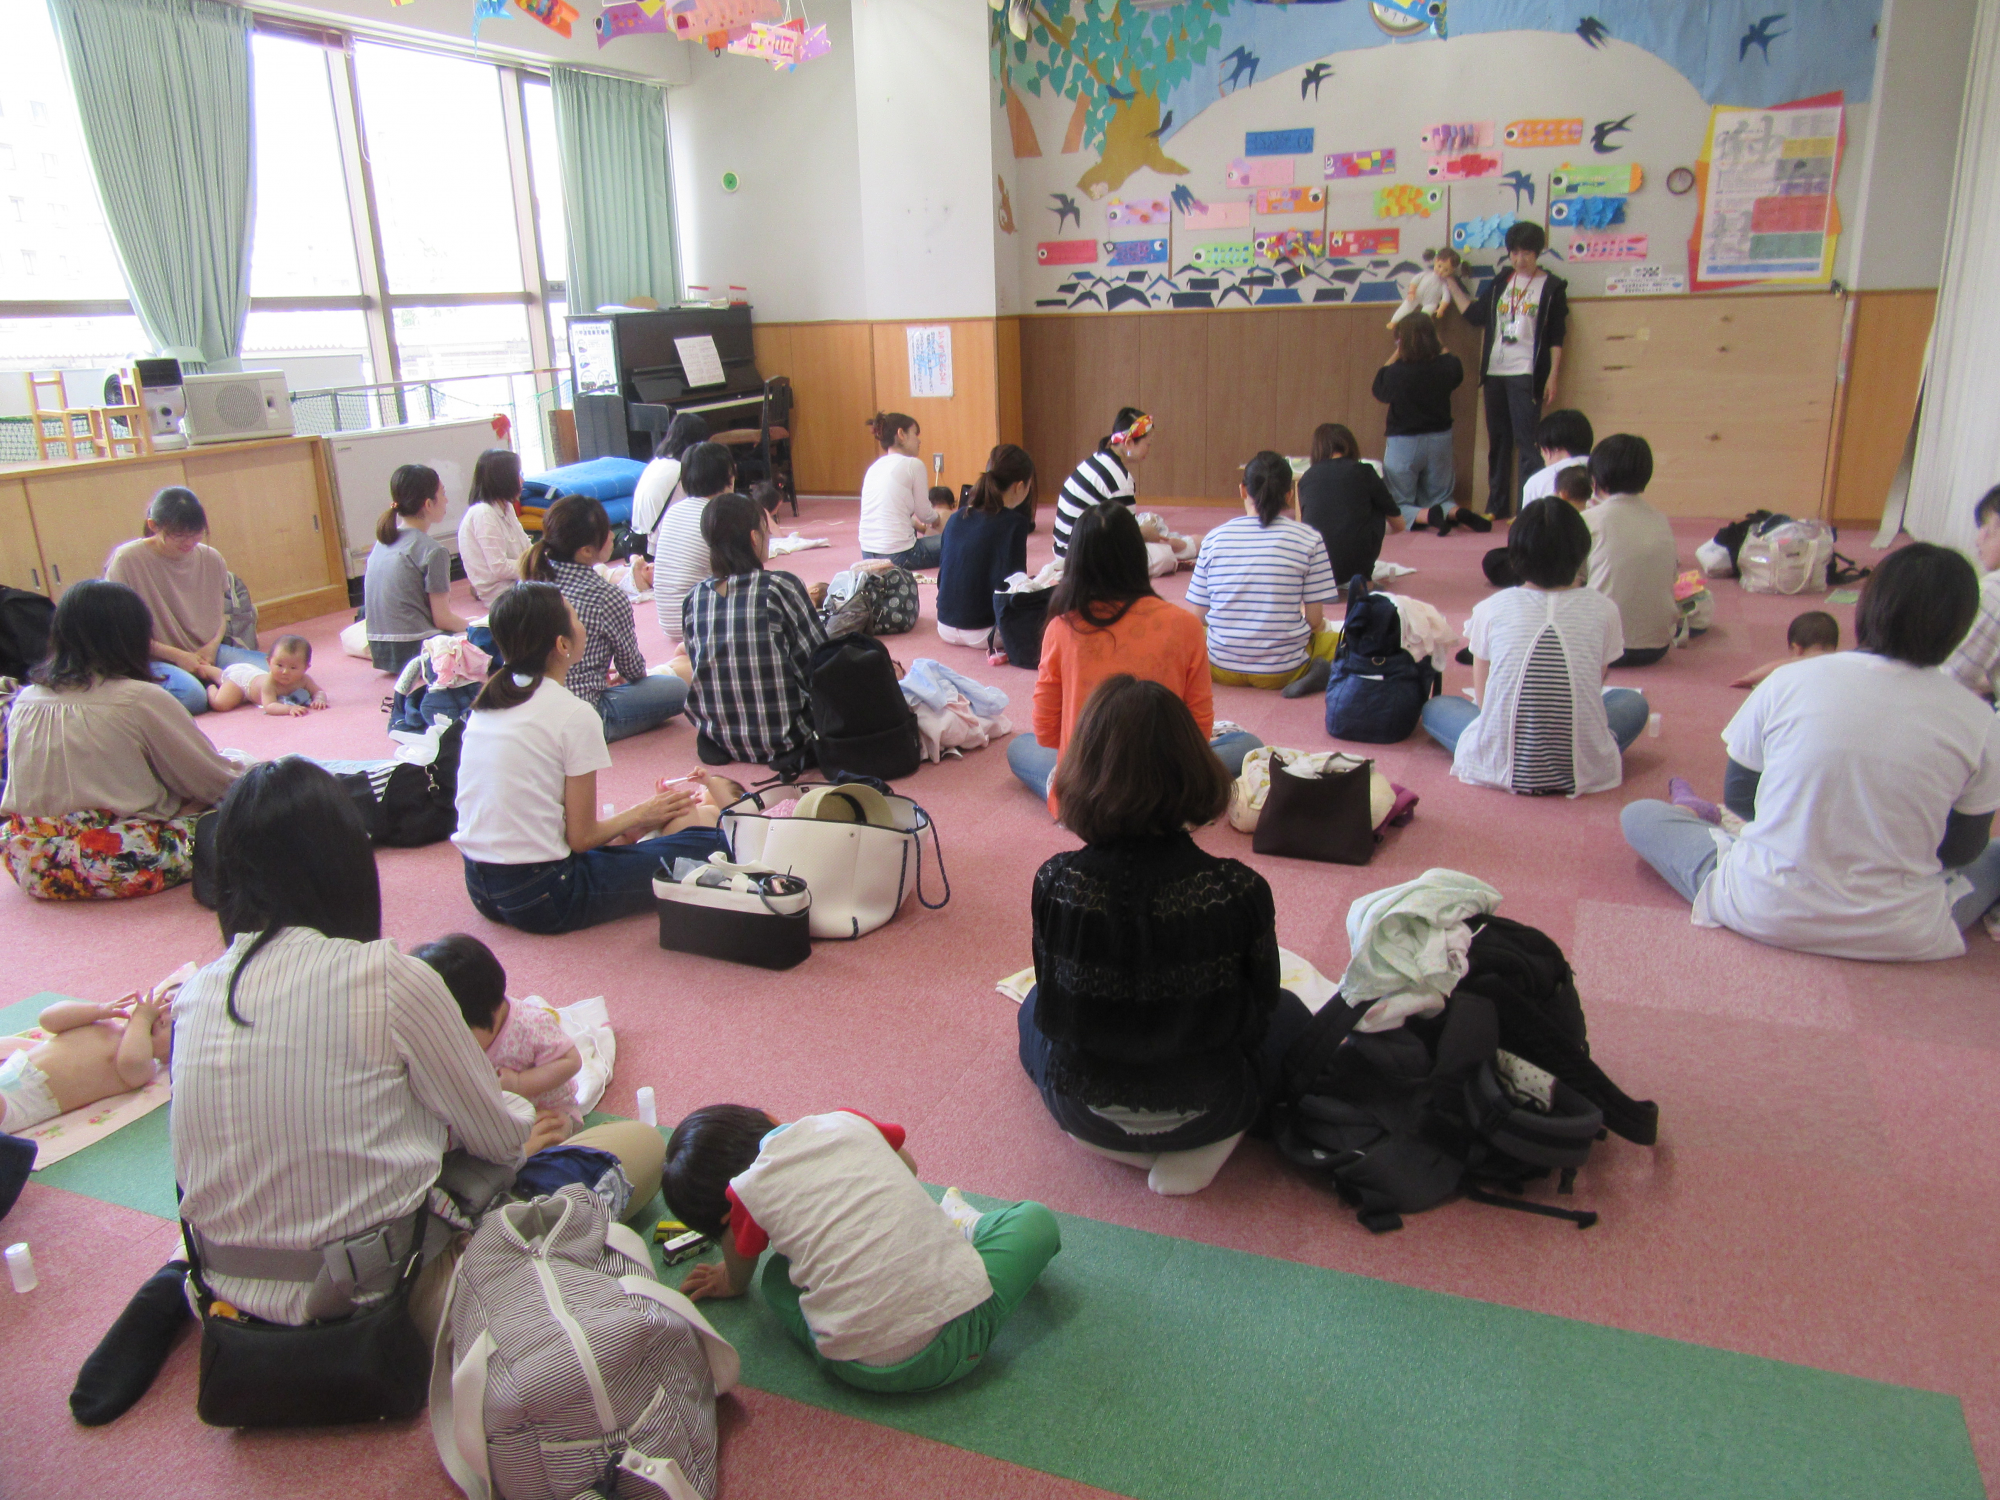 神戸市立六甲道児童館「あかちゃんベビーオイルマッサージ(2~12か月程度)」